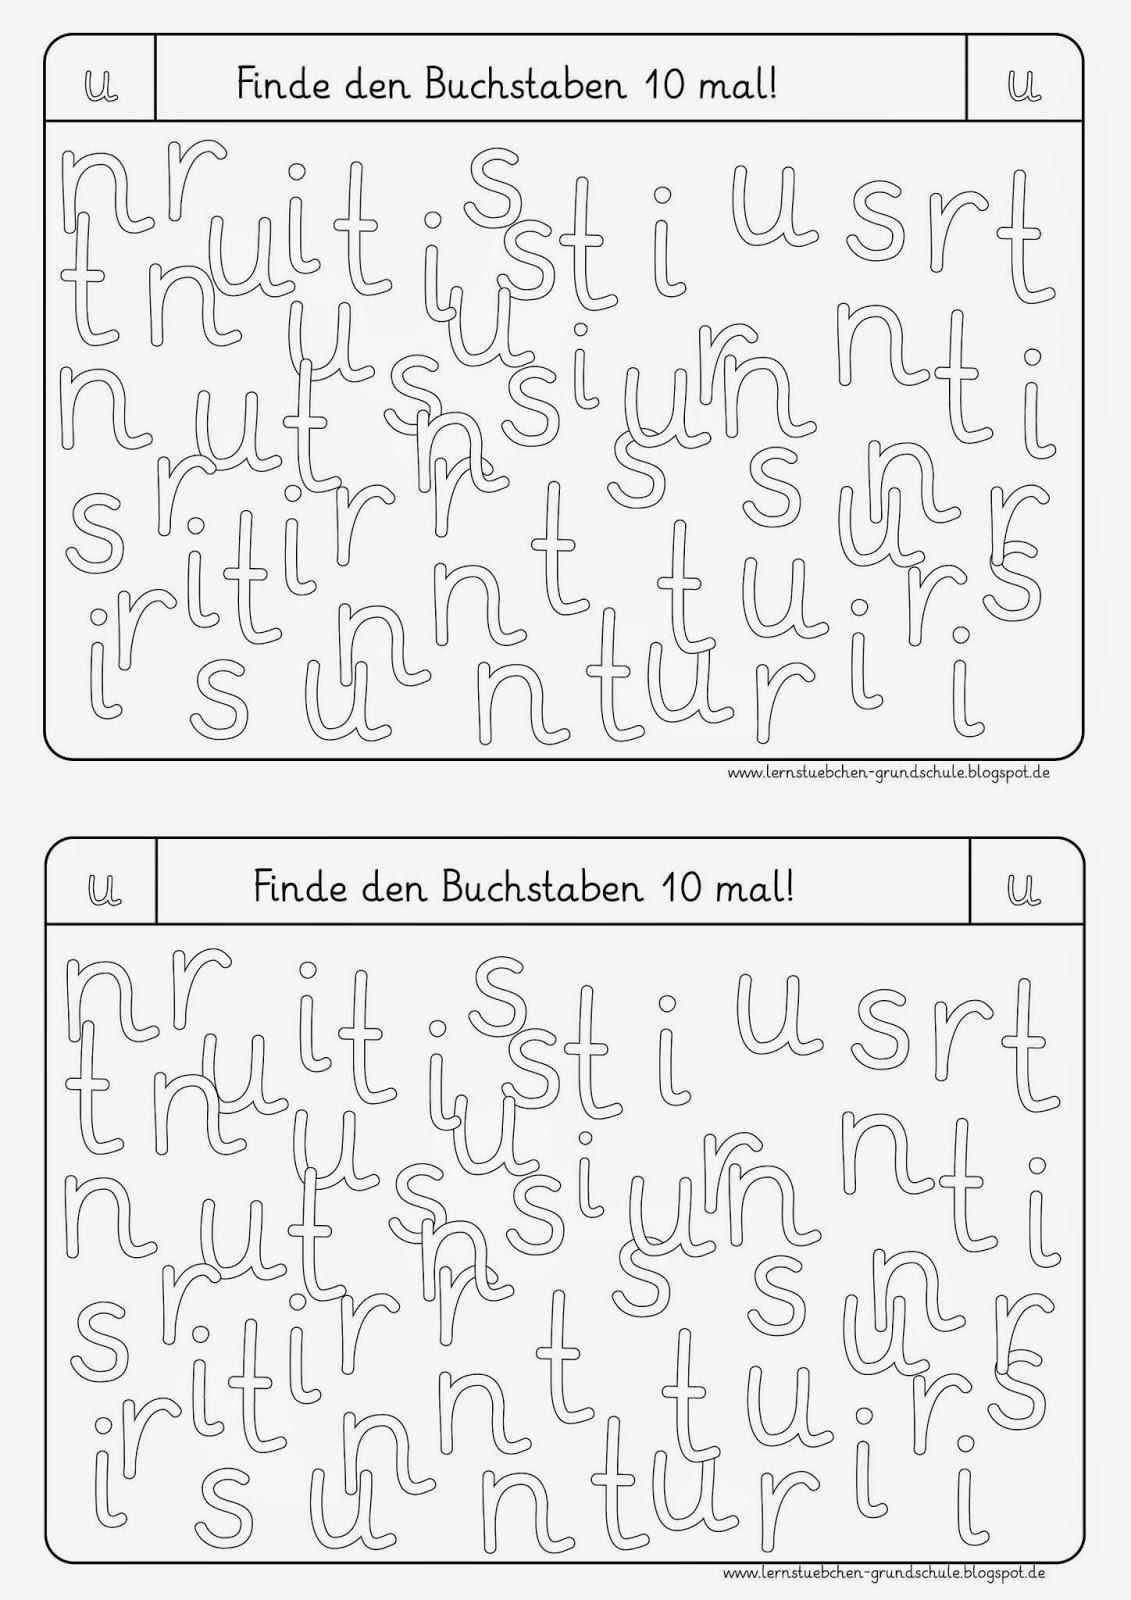 Lernstübchen: Buchstaben erkennen (U, S, R, N, I, T)